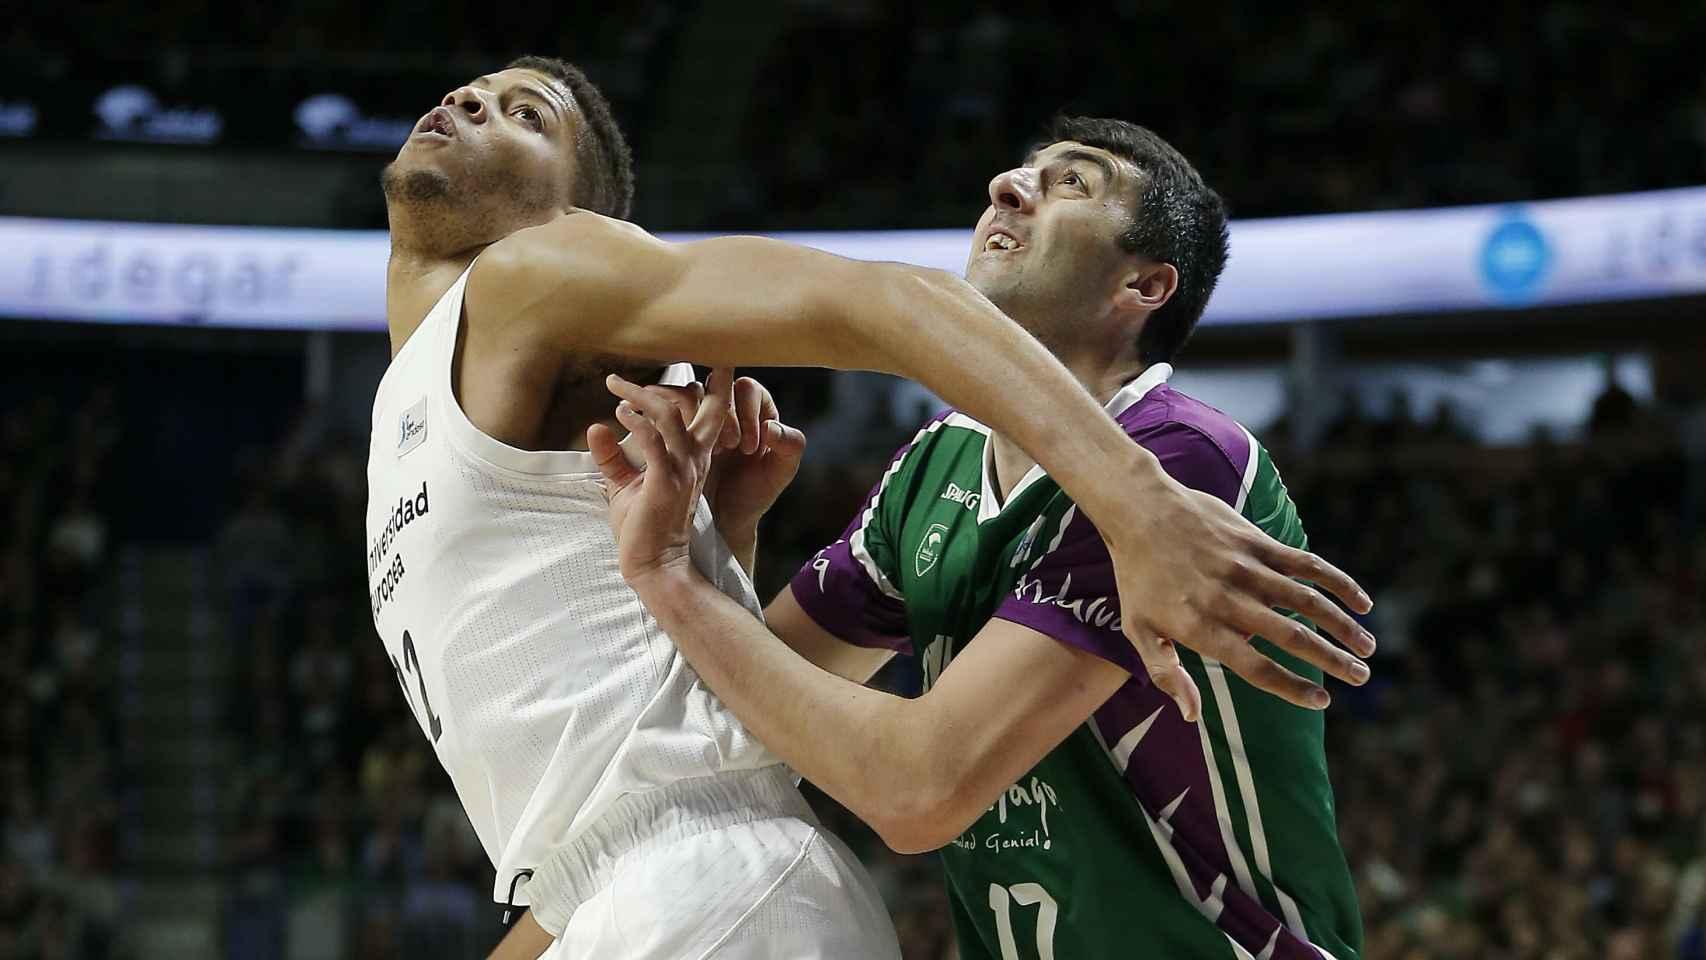 Tavares y Shermadini pelean por un rebote. Autor: ACB.